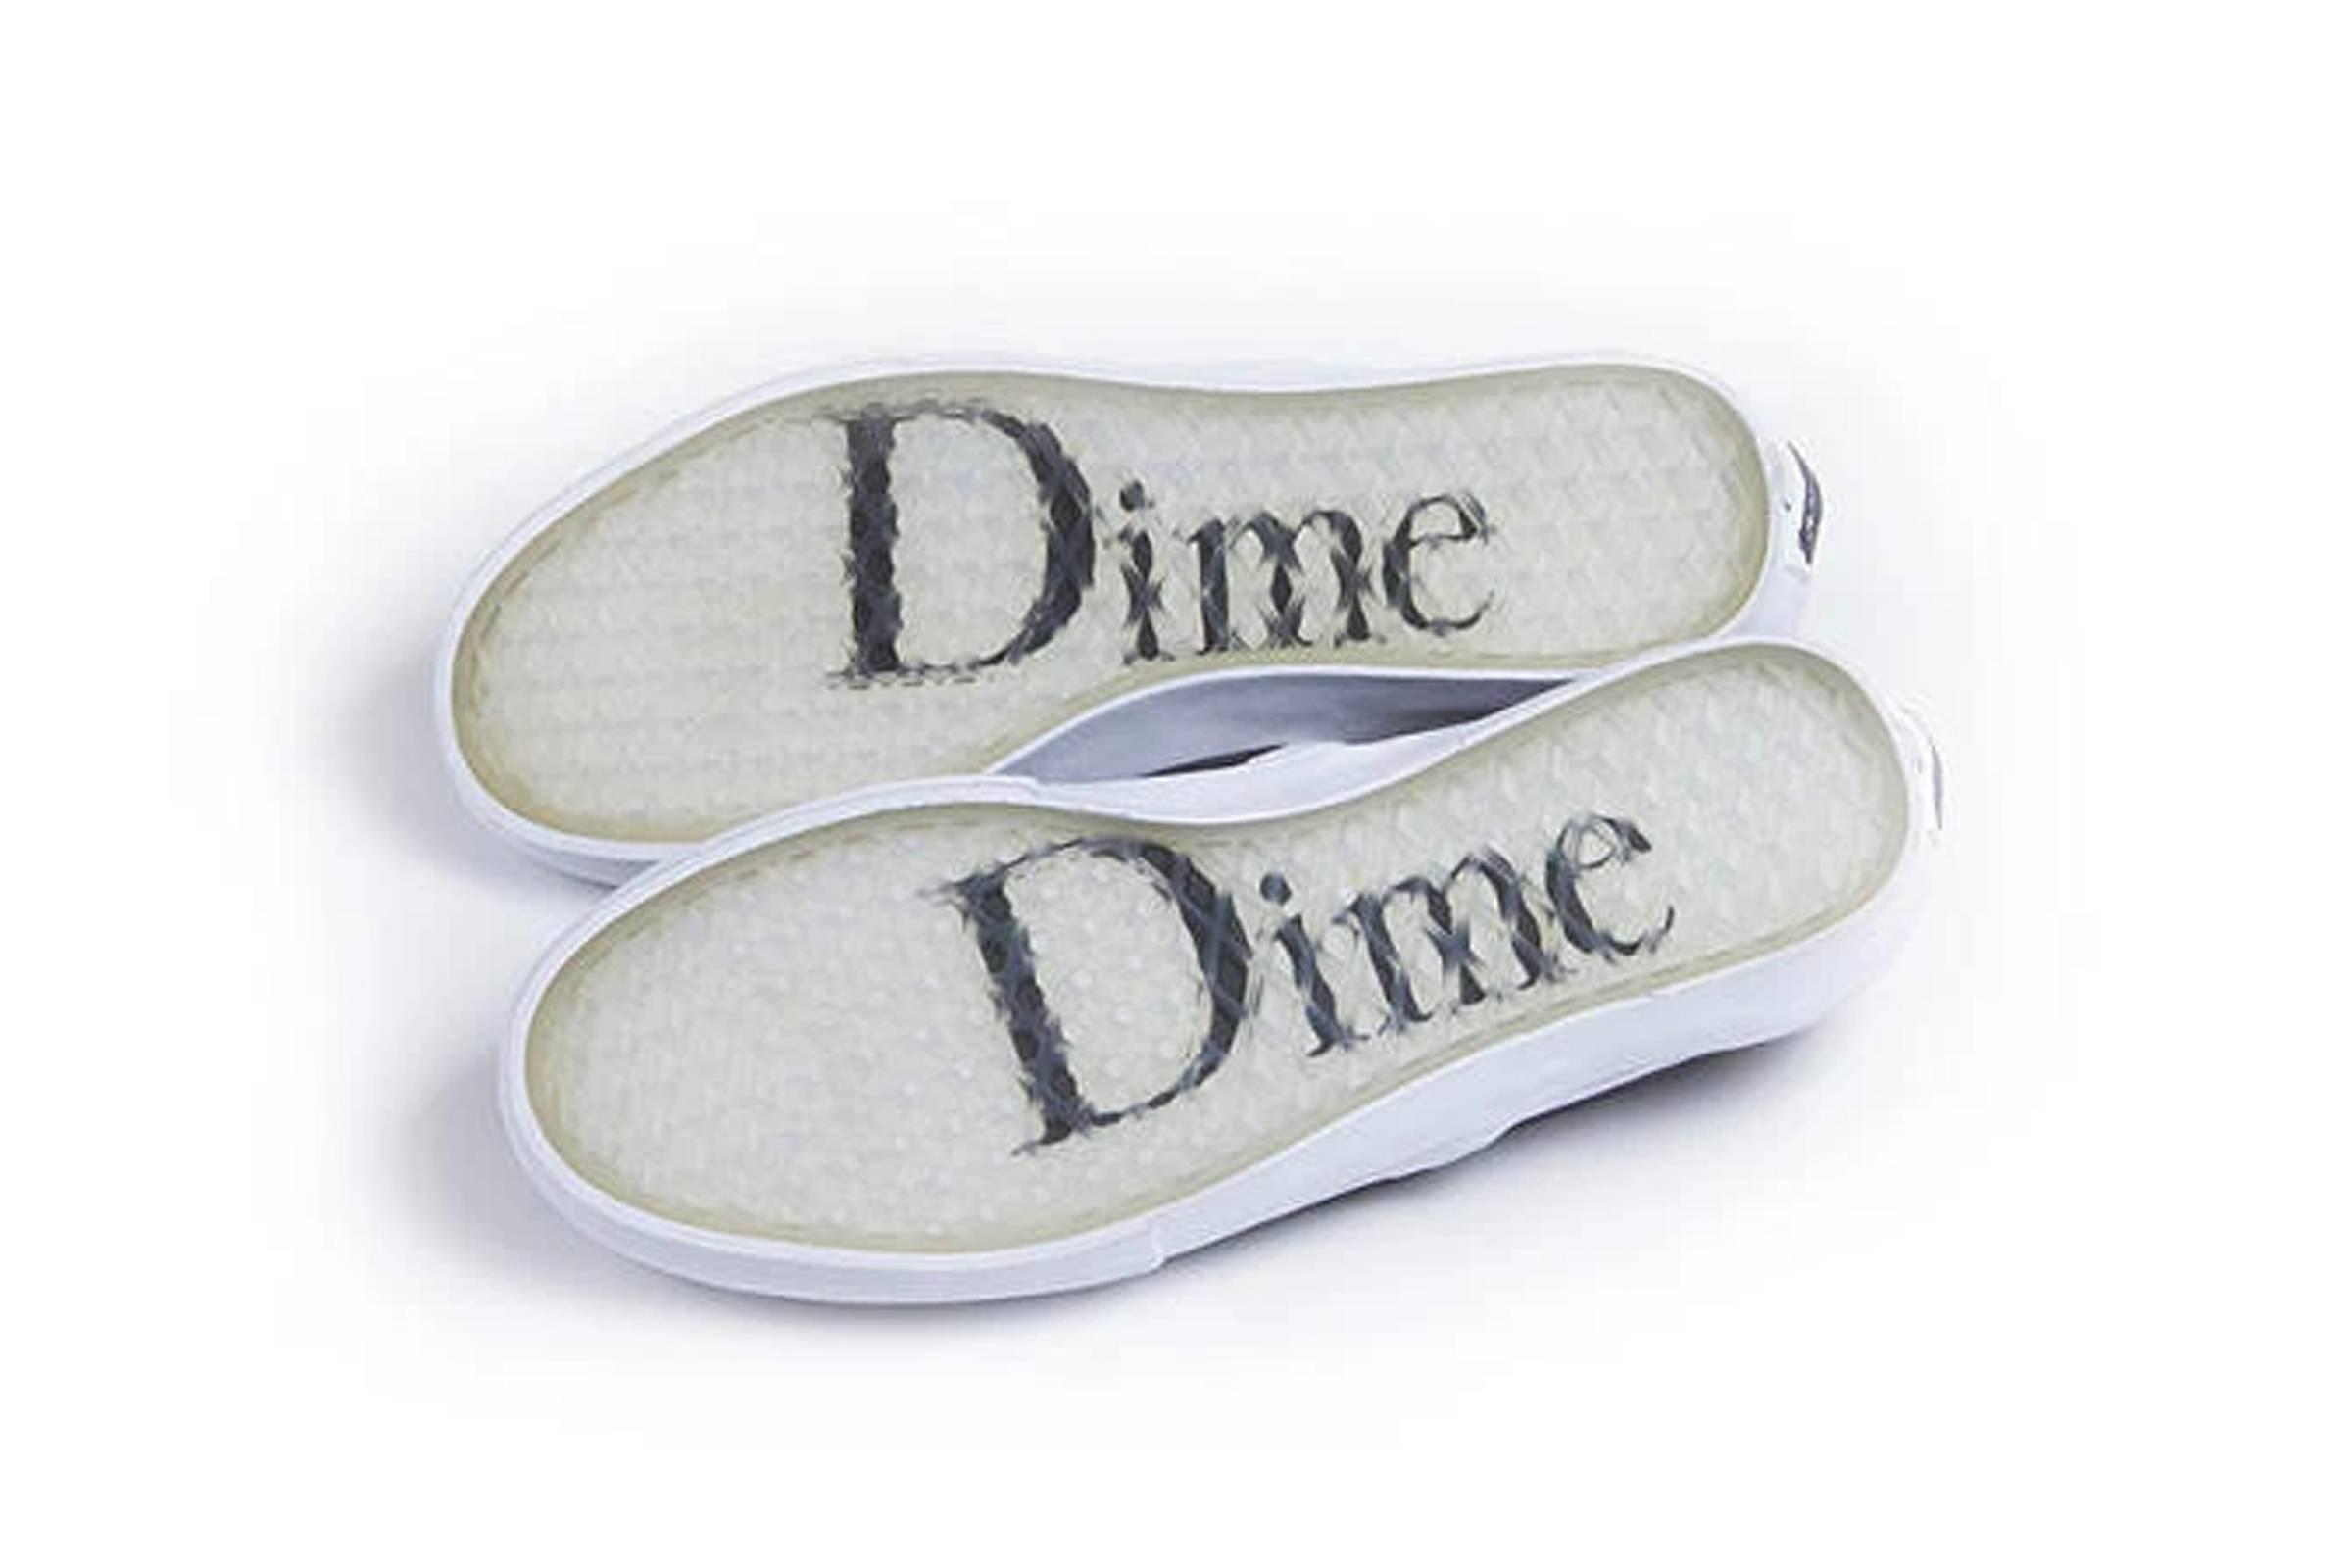 Dime x Vans (2015-2016)